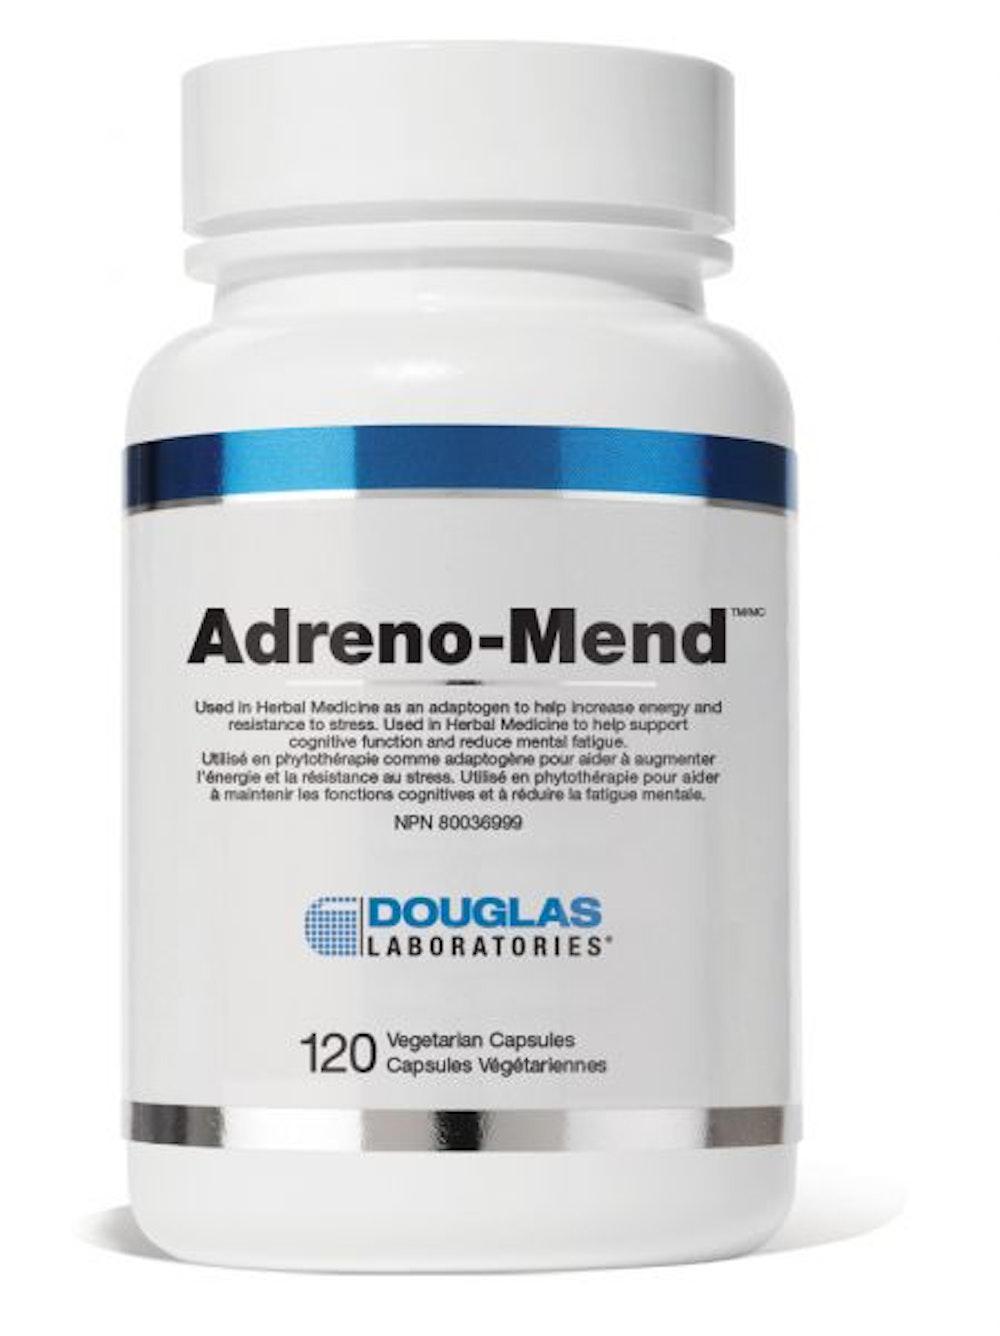 Adreno-Mend